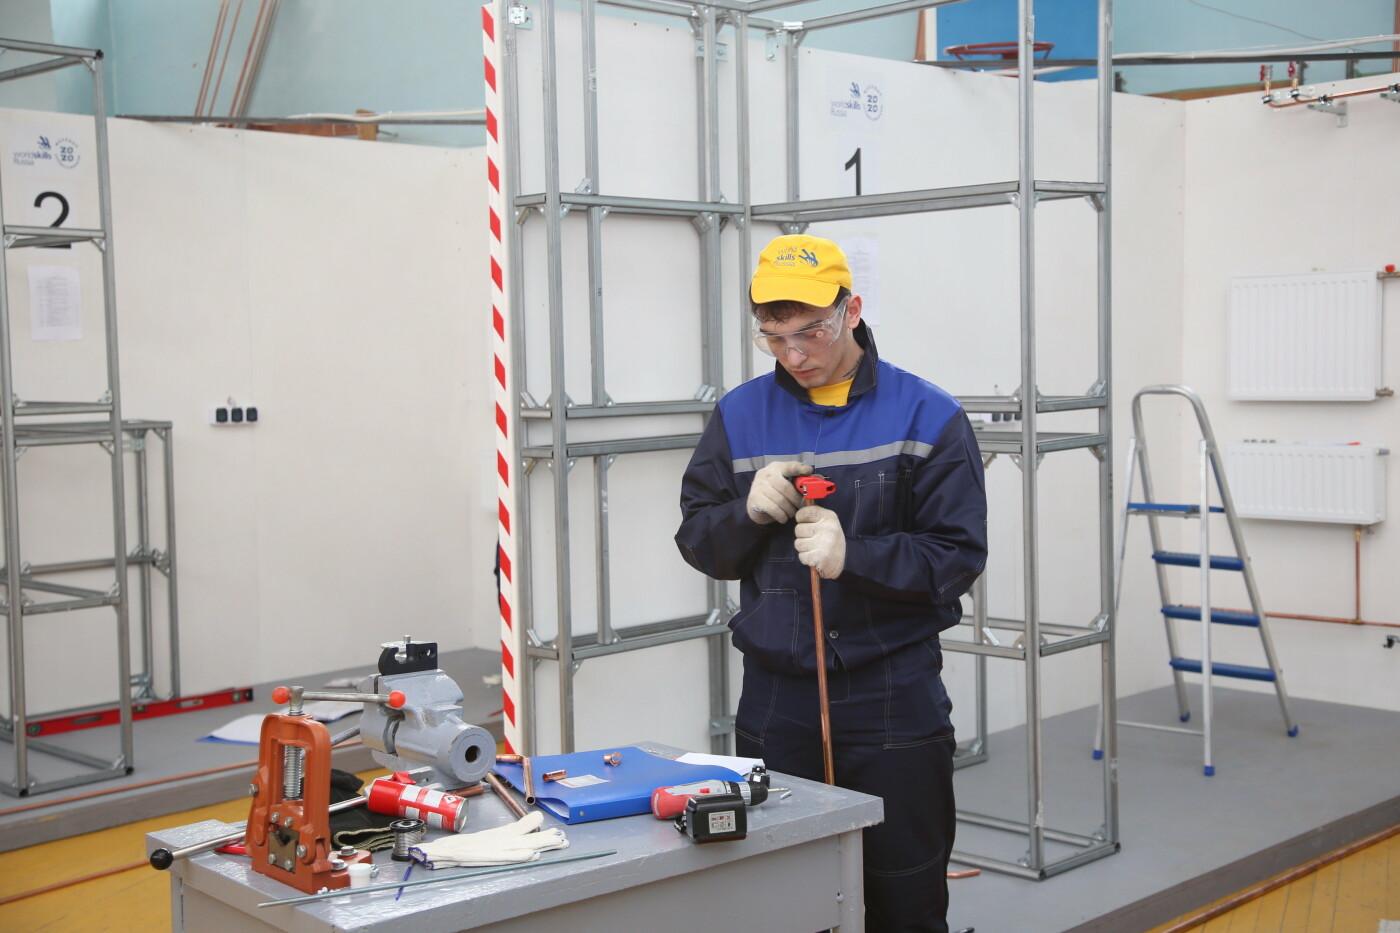 Лучшего мастера по отоплению и сантехнике выберут в Новошахтинске , фото-5